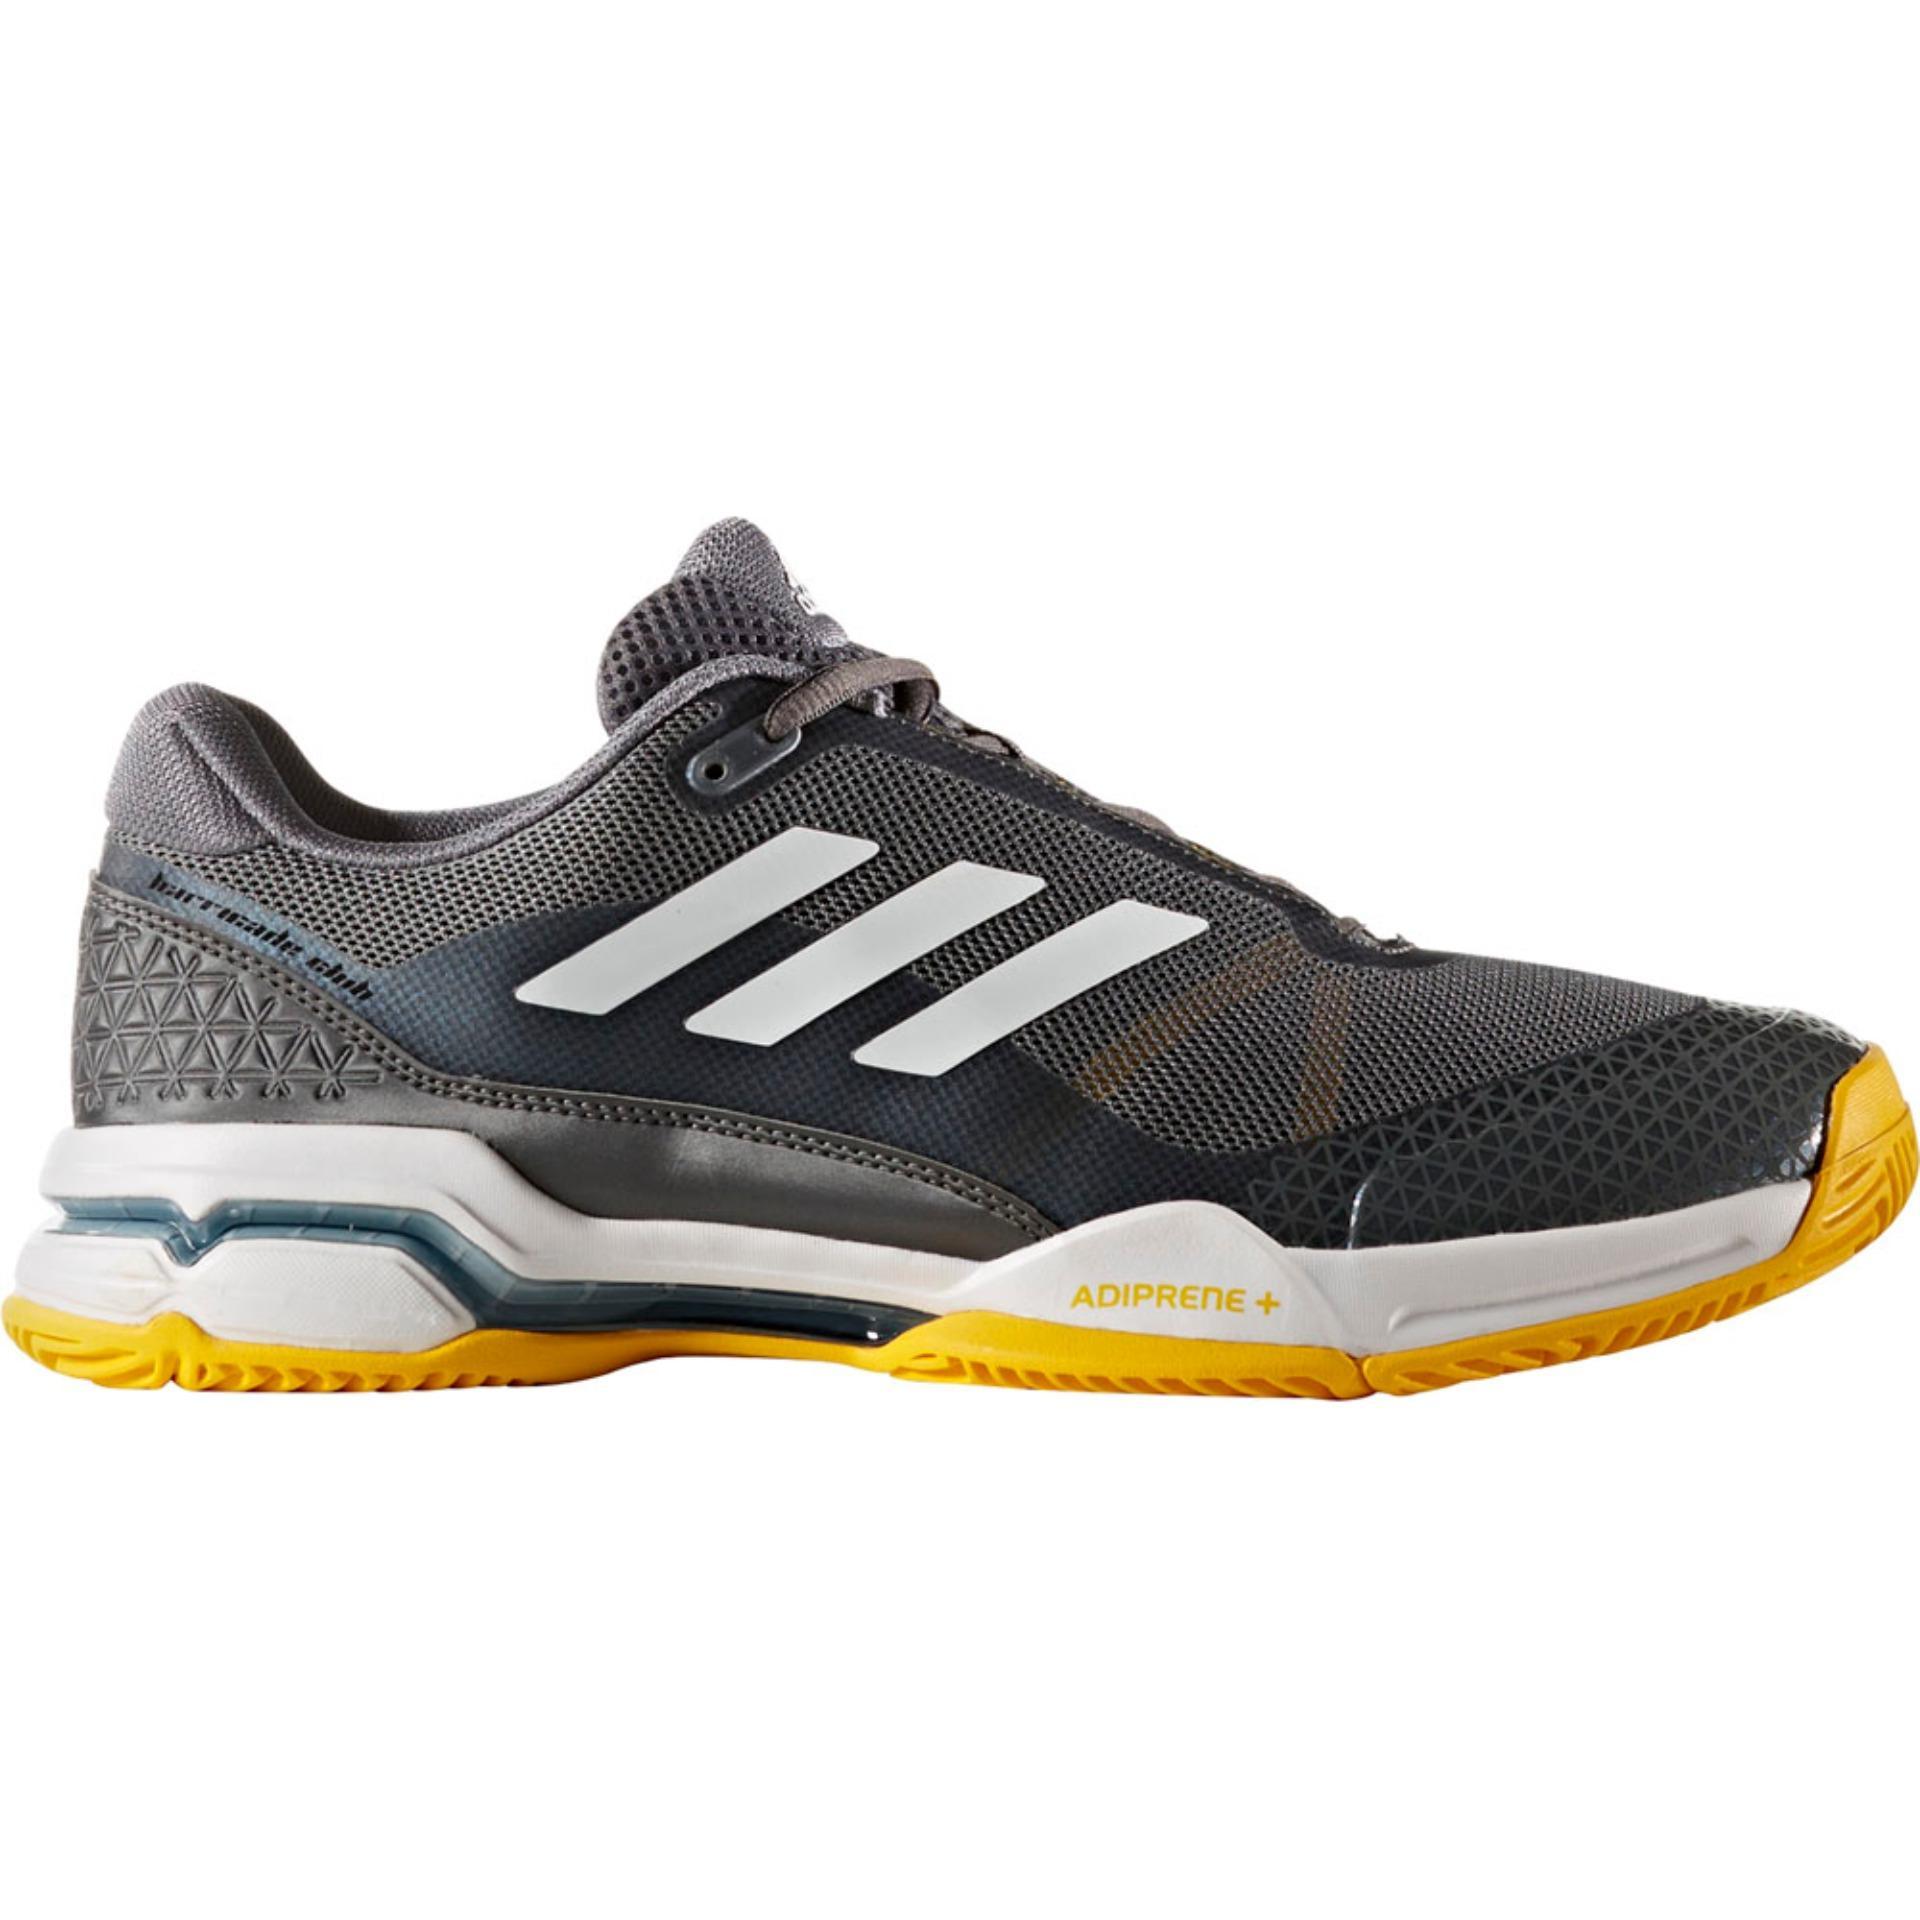 Jual Adidas Sepatu Tennis Barricade Club By1638 Adidas Online